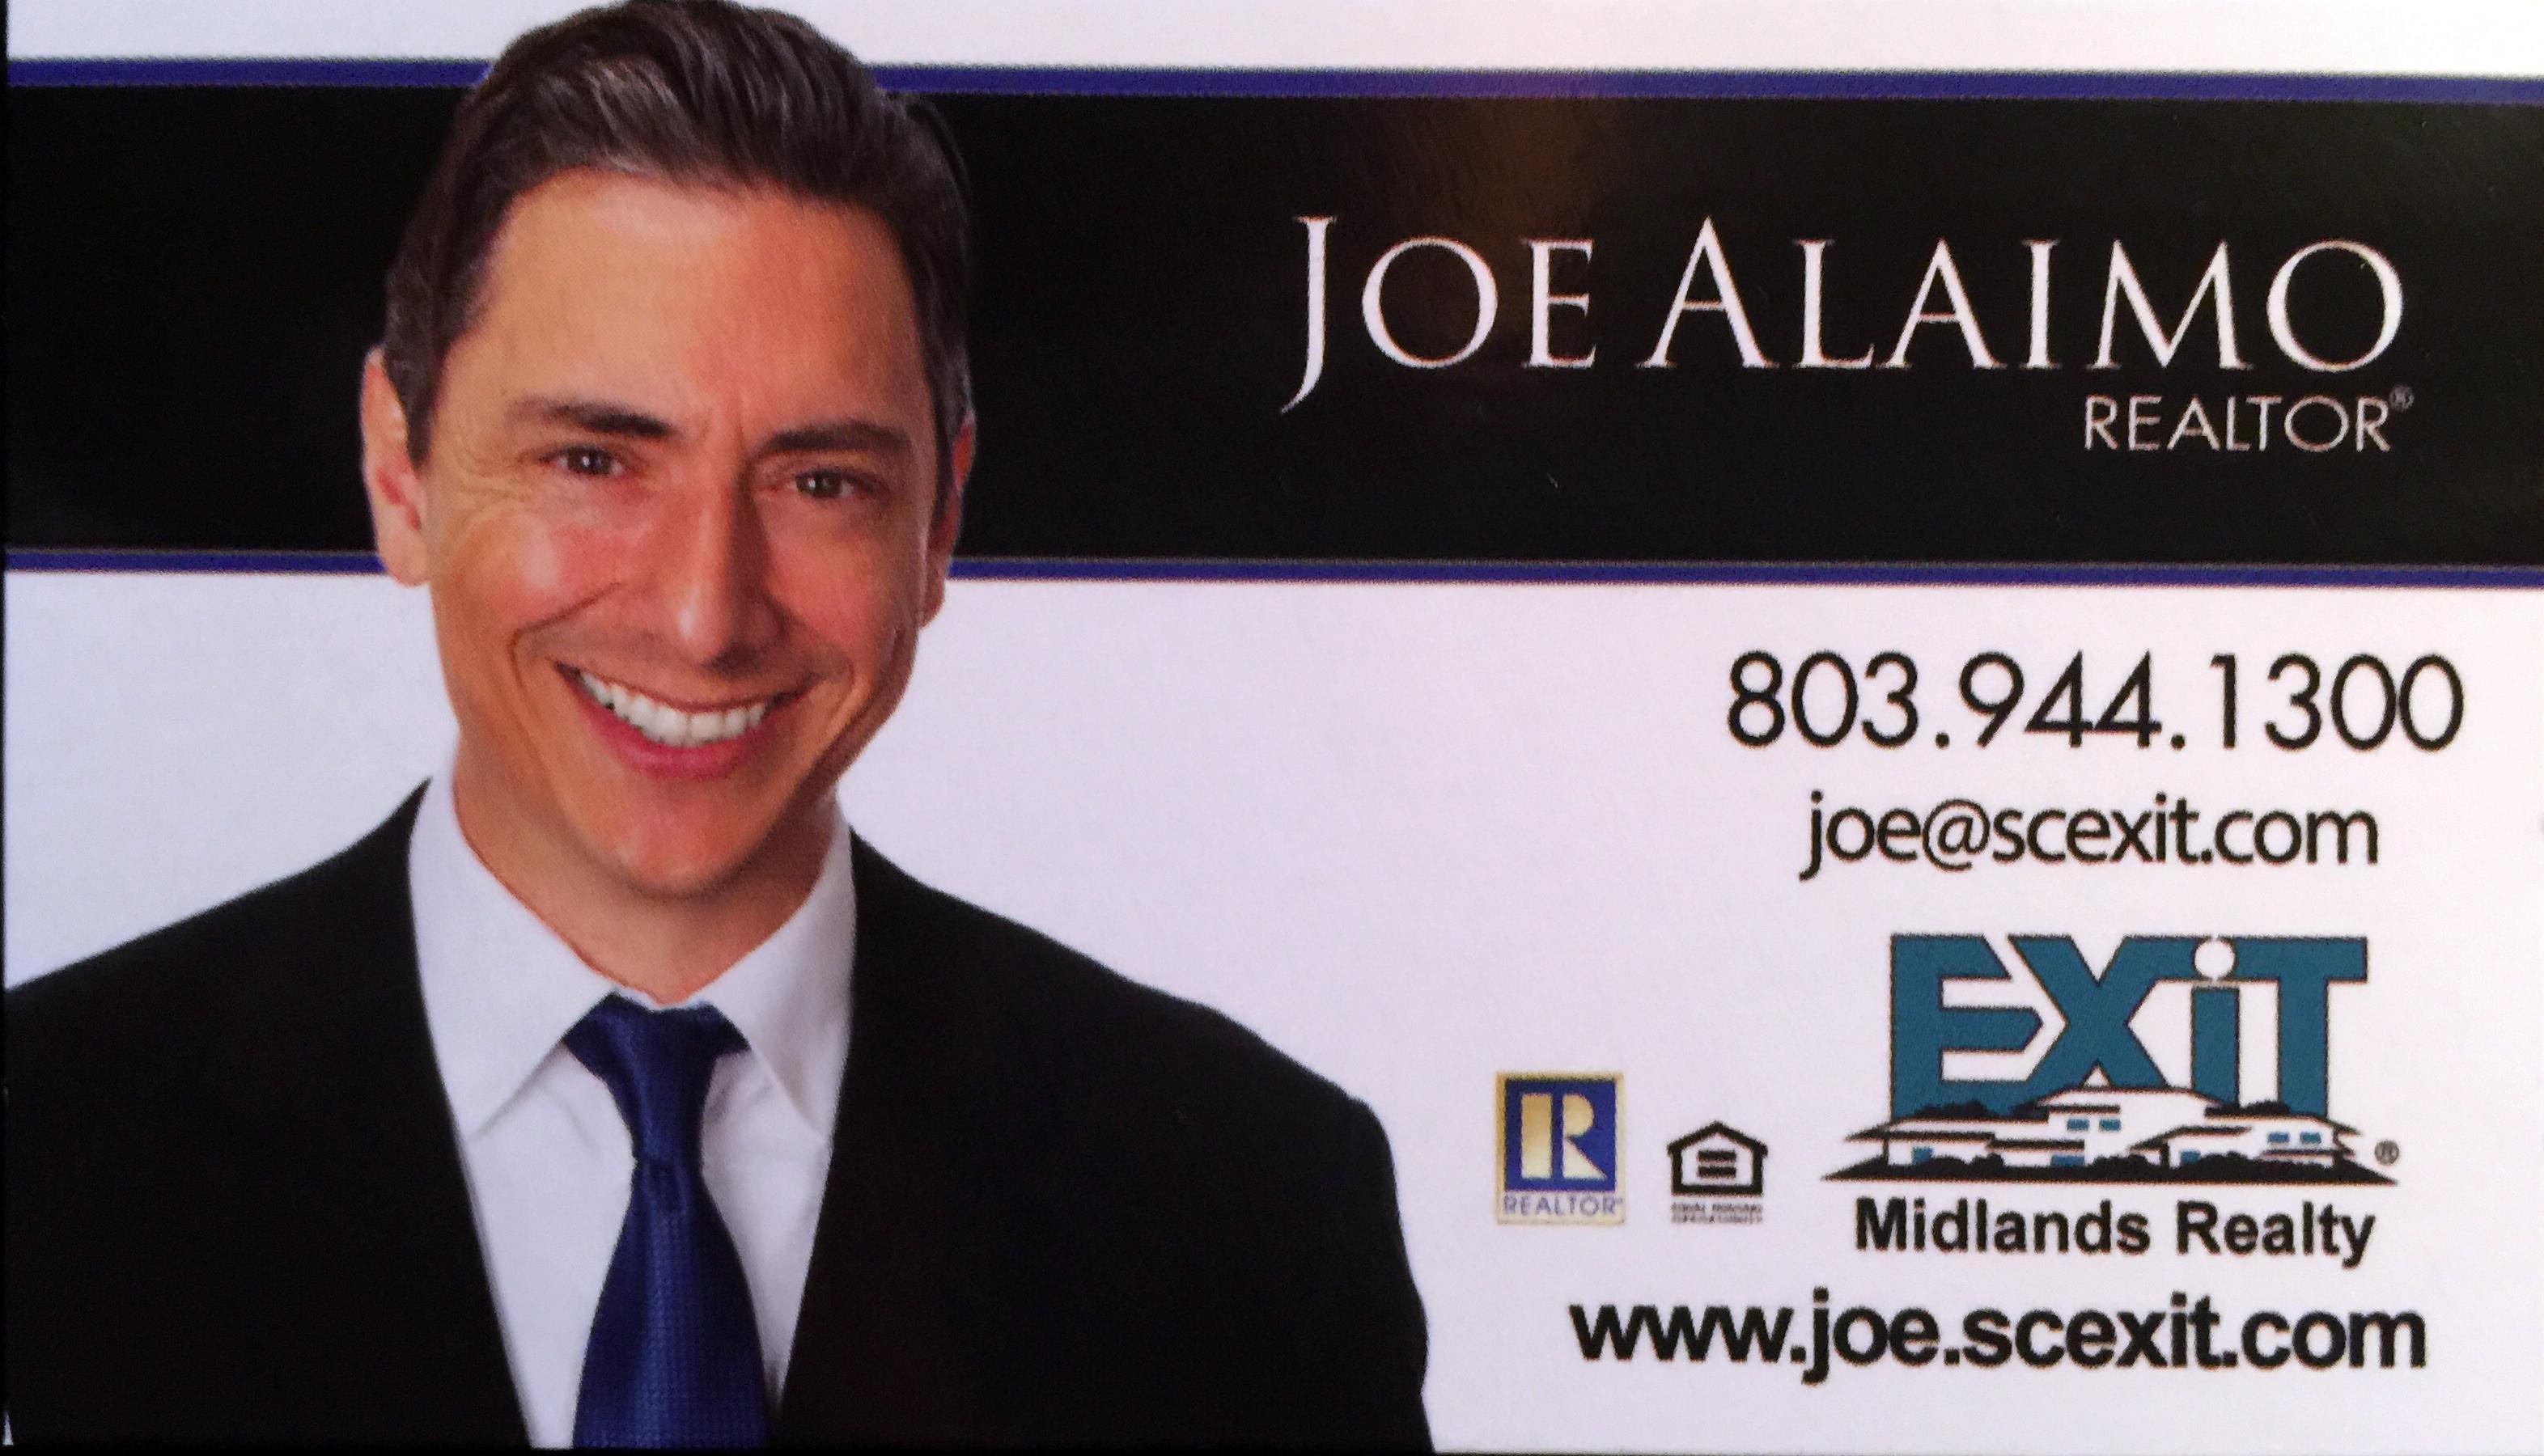 Joe Alaimo Exit Midlands